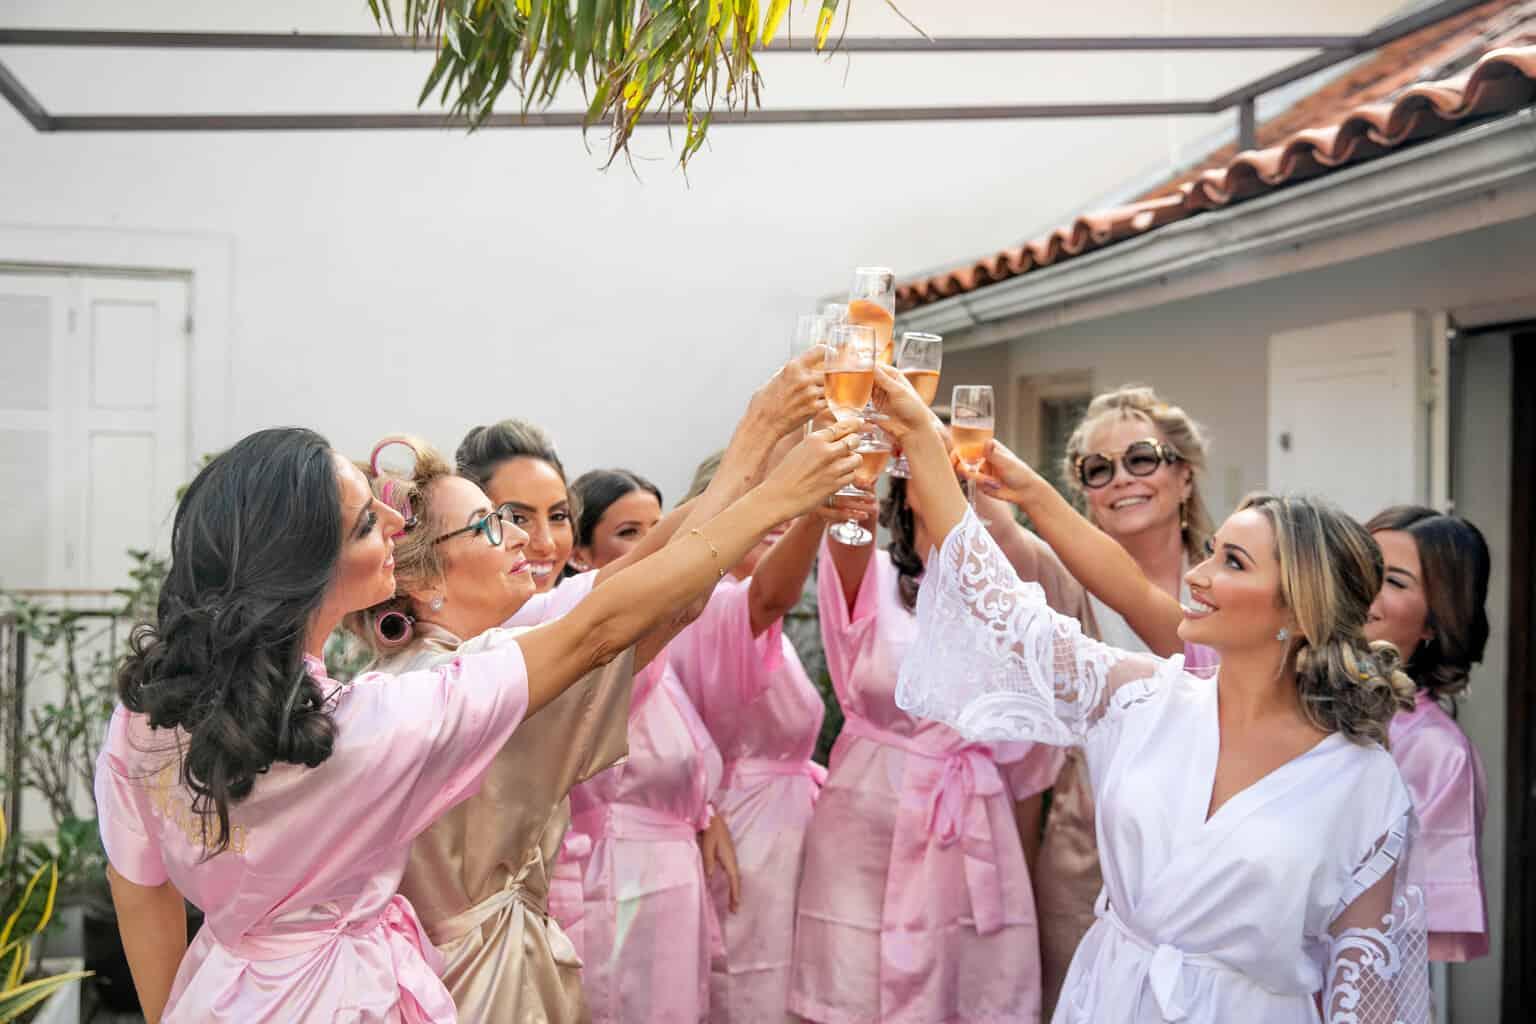 Casamento-Heloisa-e-Eduardo-Bolsonaro-cerimonial-Márcia-Santiago-Fotografia-Davi-Nascimento-madrinhas-making-of30